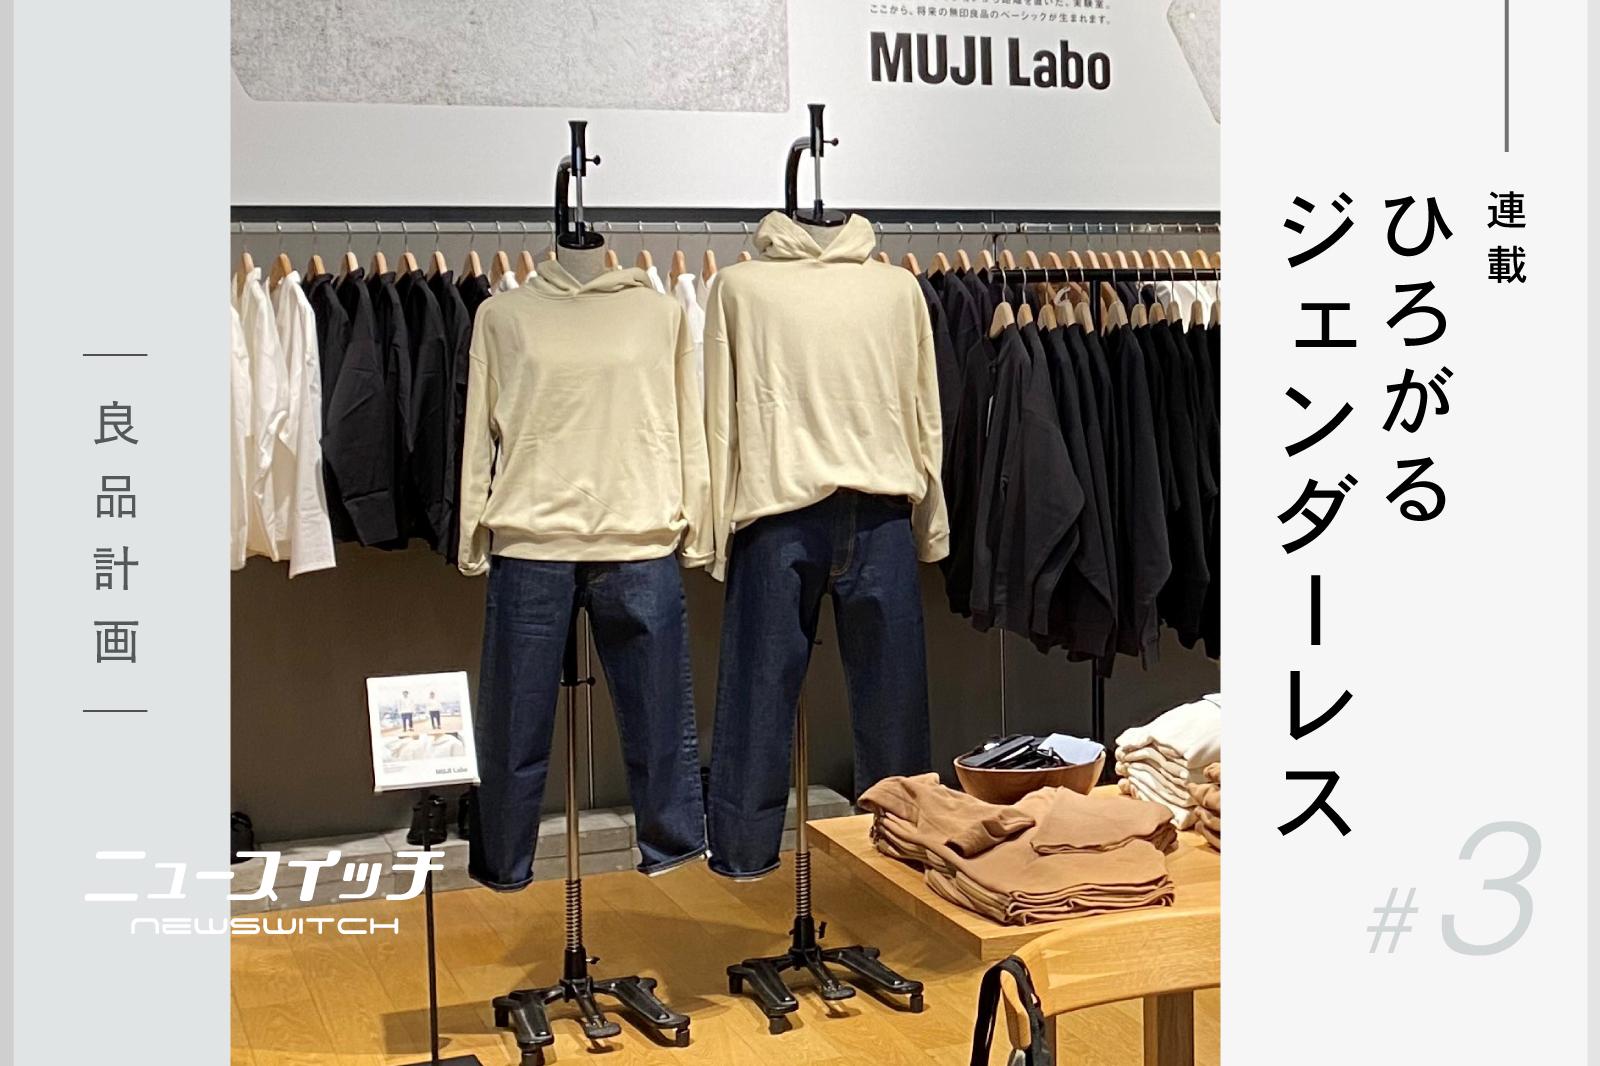 """「MUJI Labo」が挑戦する、""""誰にでも似合う服""""とは"""